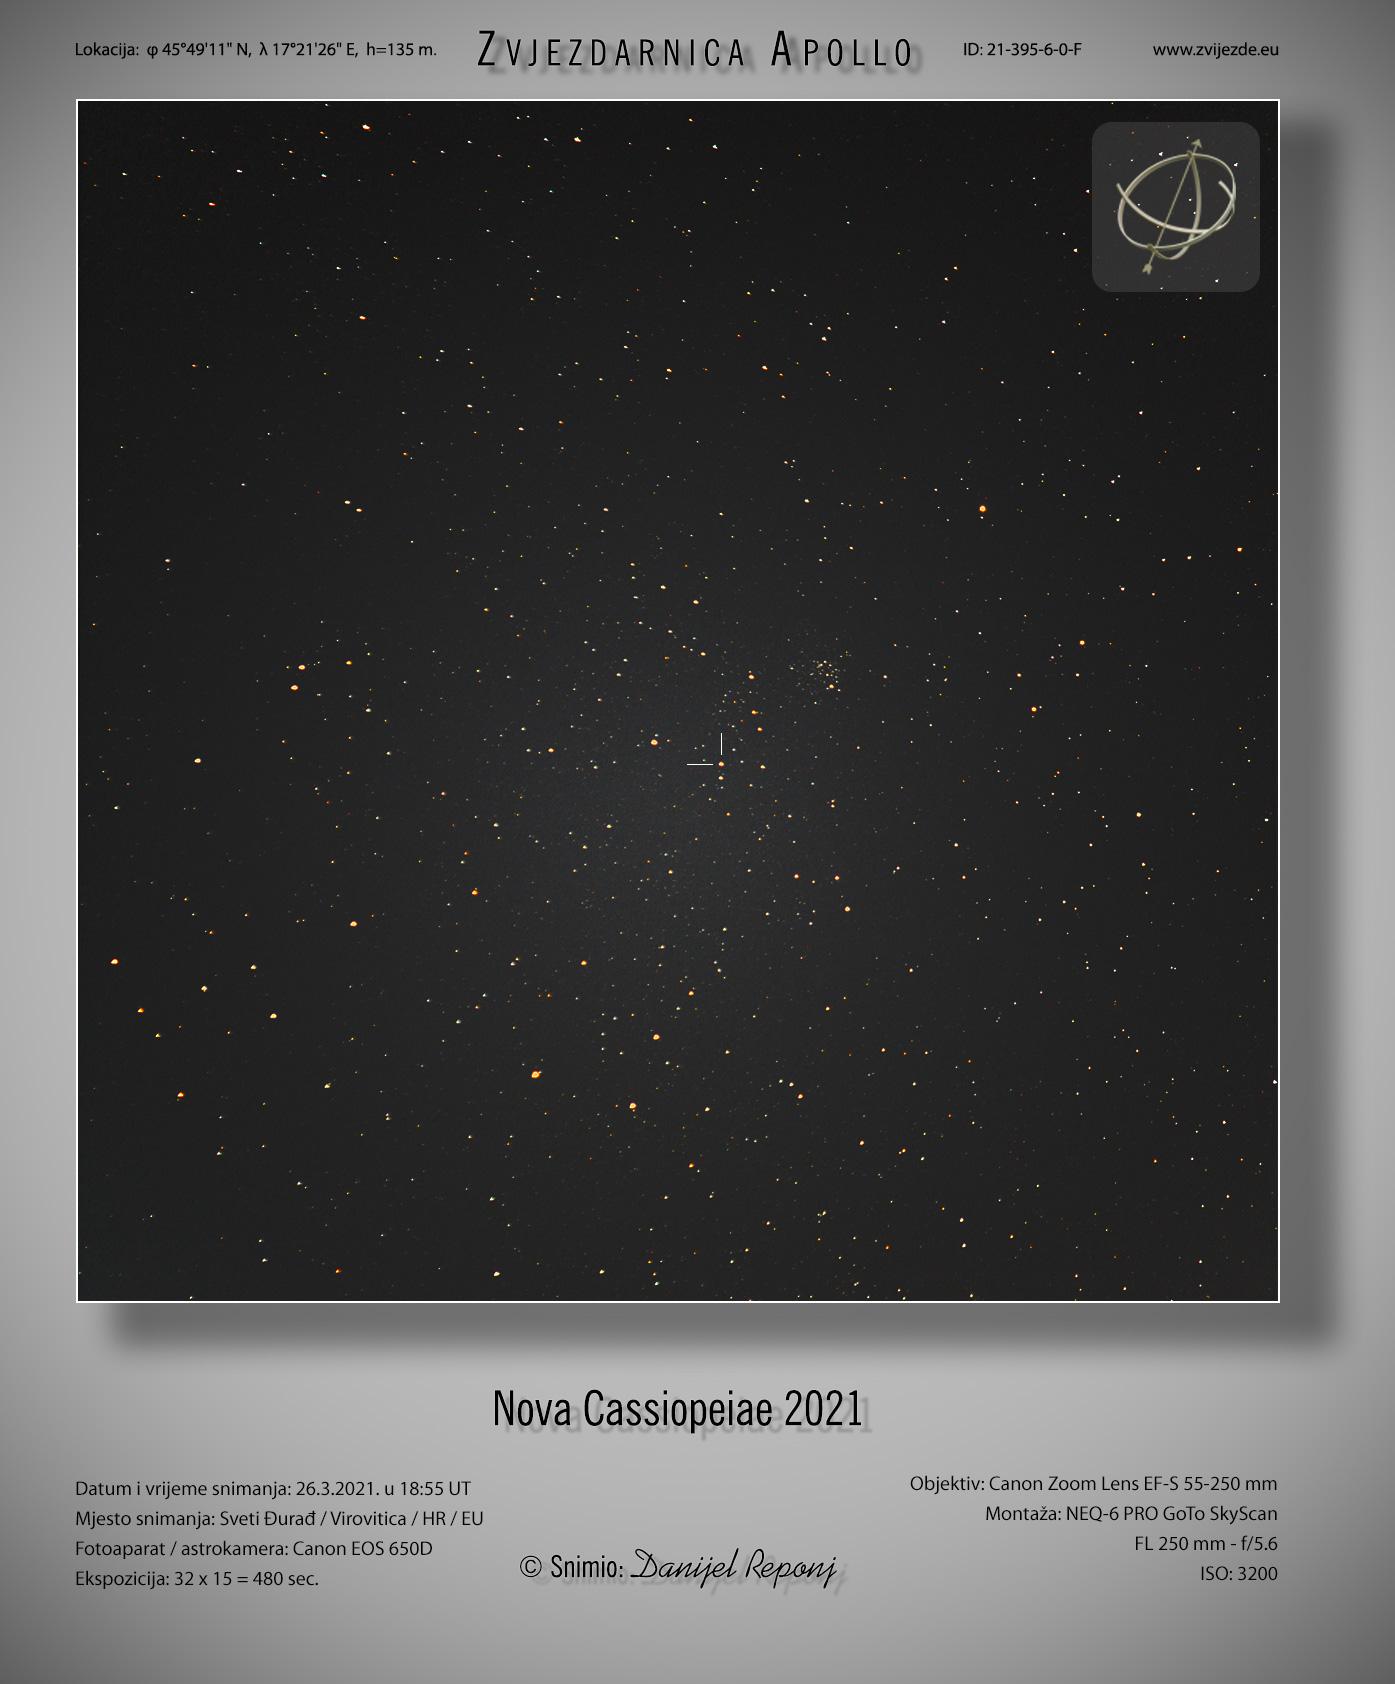 Nova Cassiopeiae 2021 - širokokutna